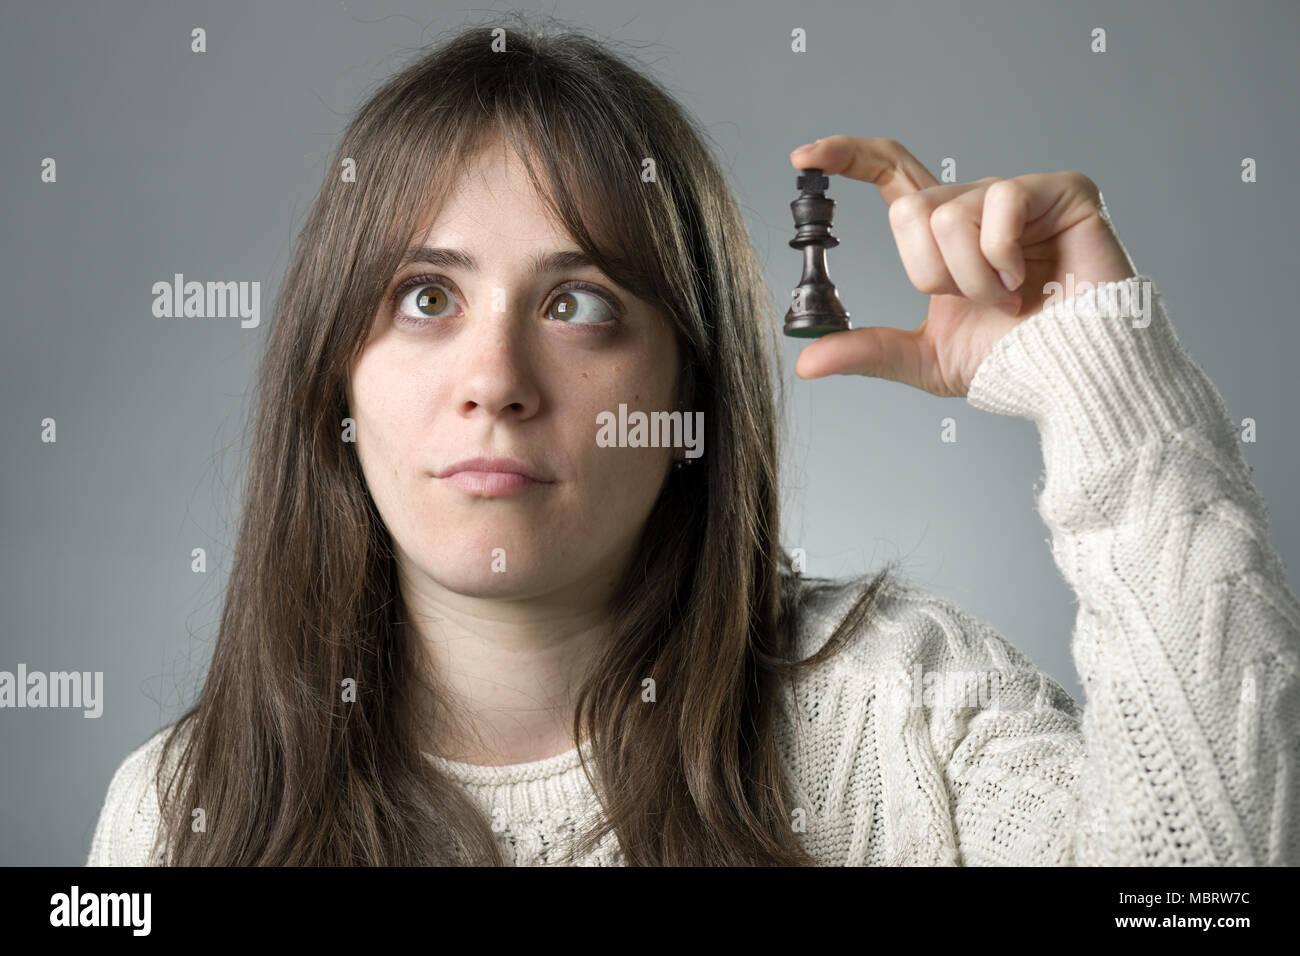 Socchiudendo gli occhi donna tenendo un re pezzi di scacchi Immagini Stock